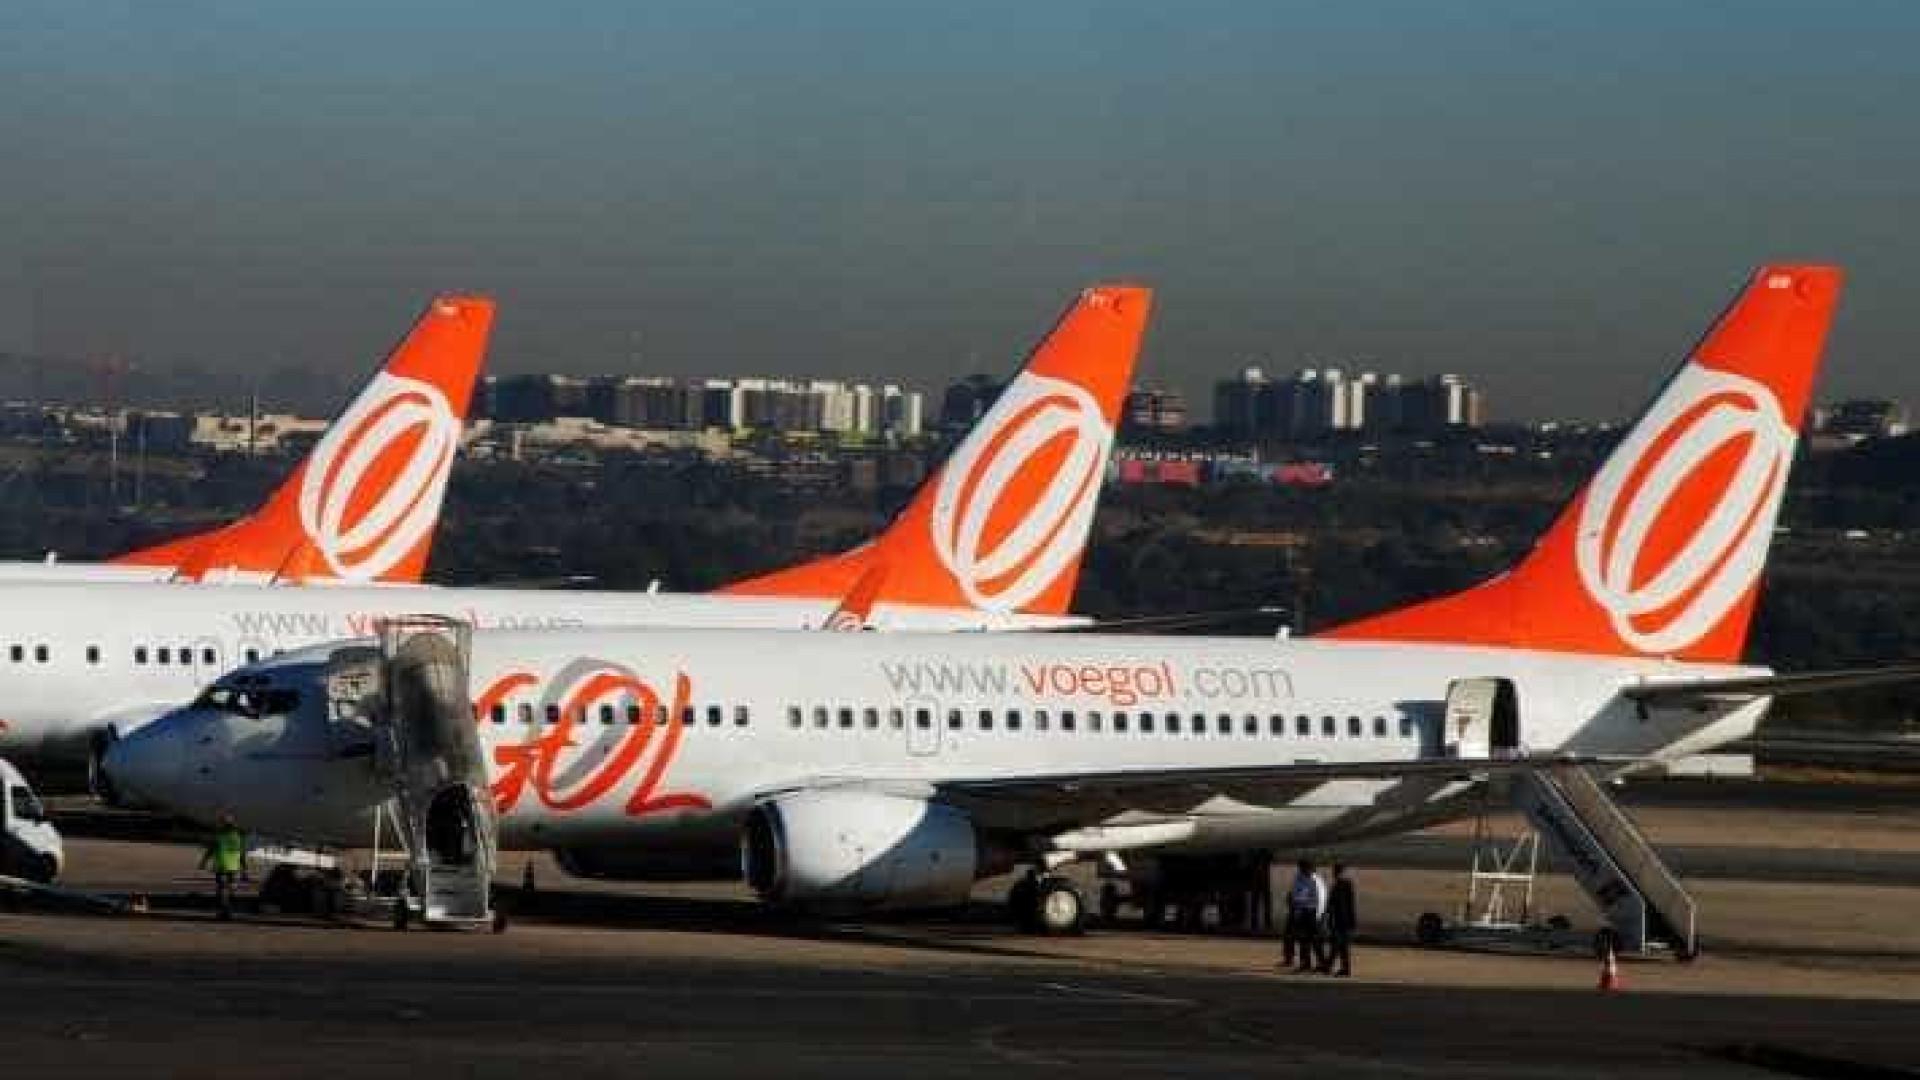 Gol amplia malha aérea em 47% em junho ante maio para 100 voos diários